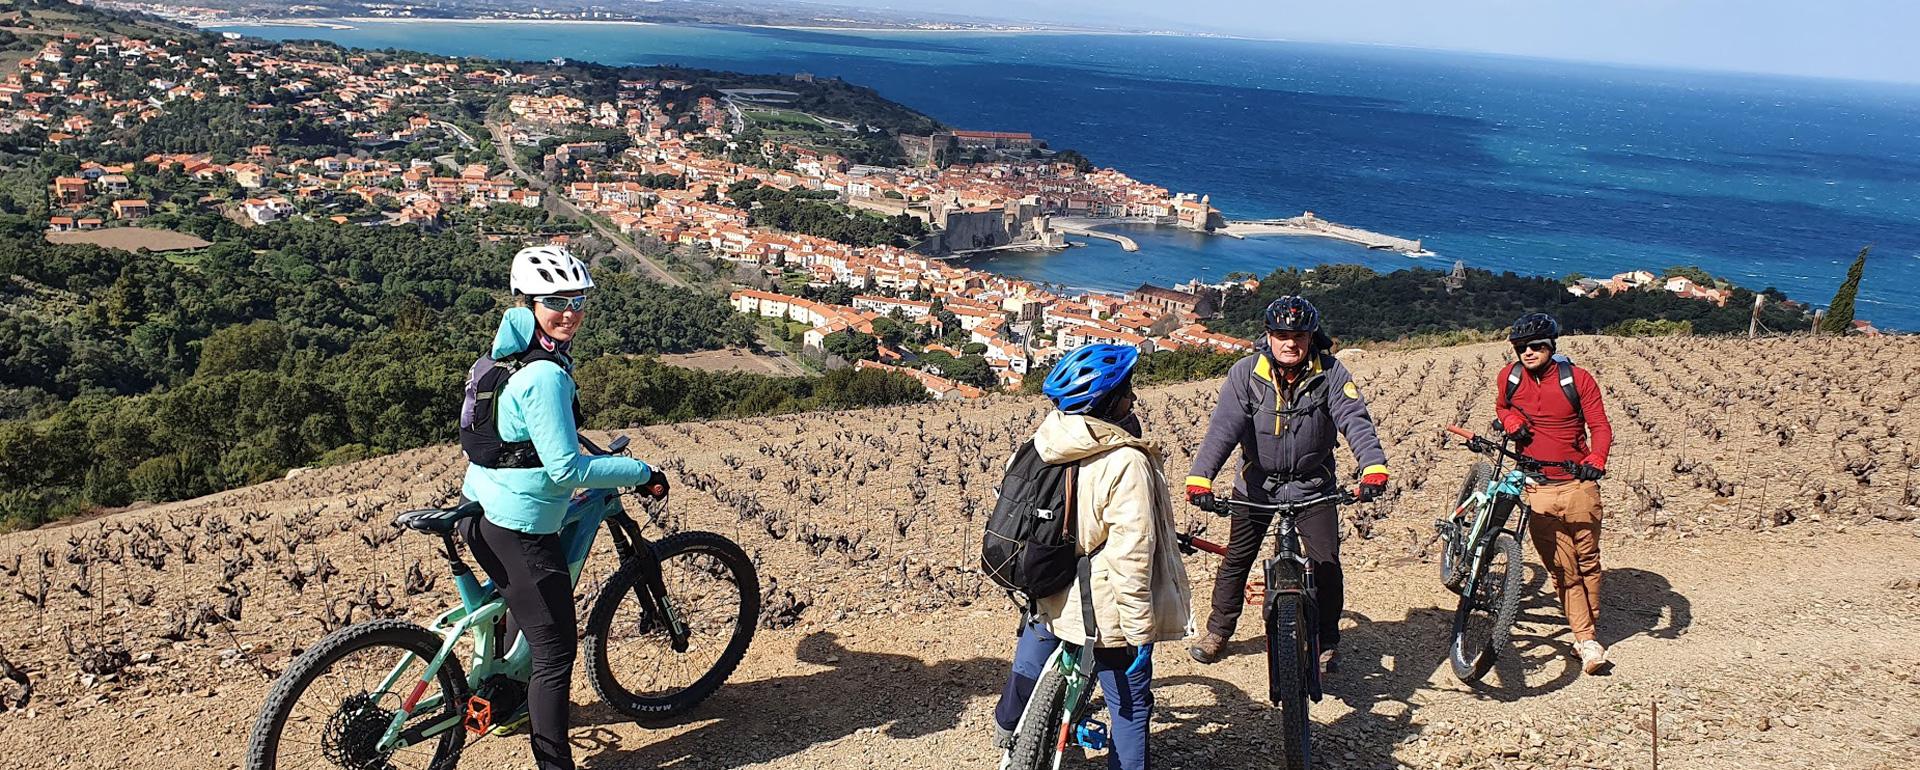 Vélo électrique dans les vignes - Collioure- Pyrénées-Orientales